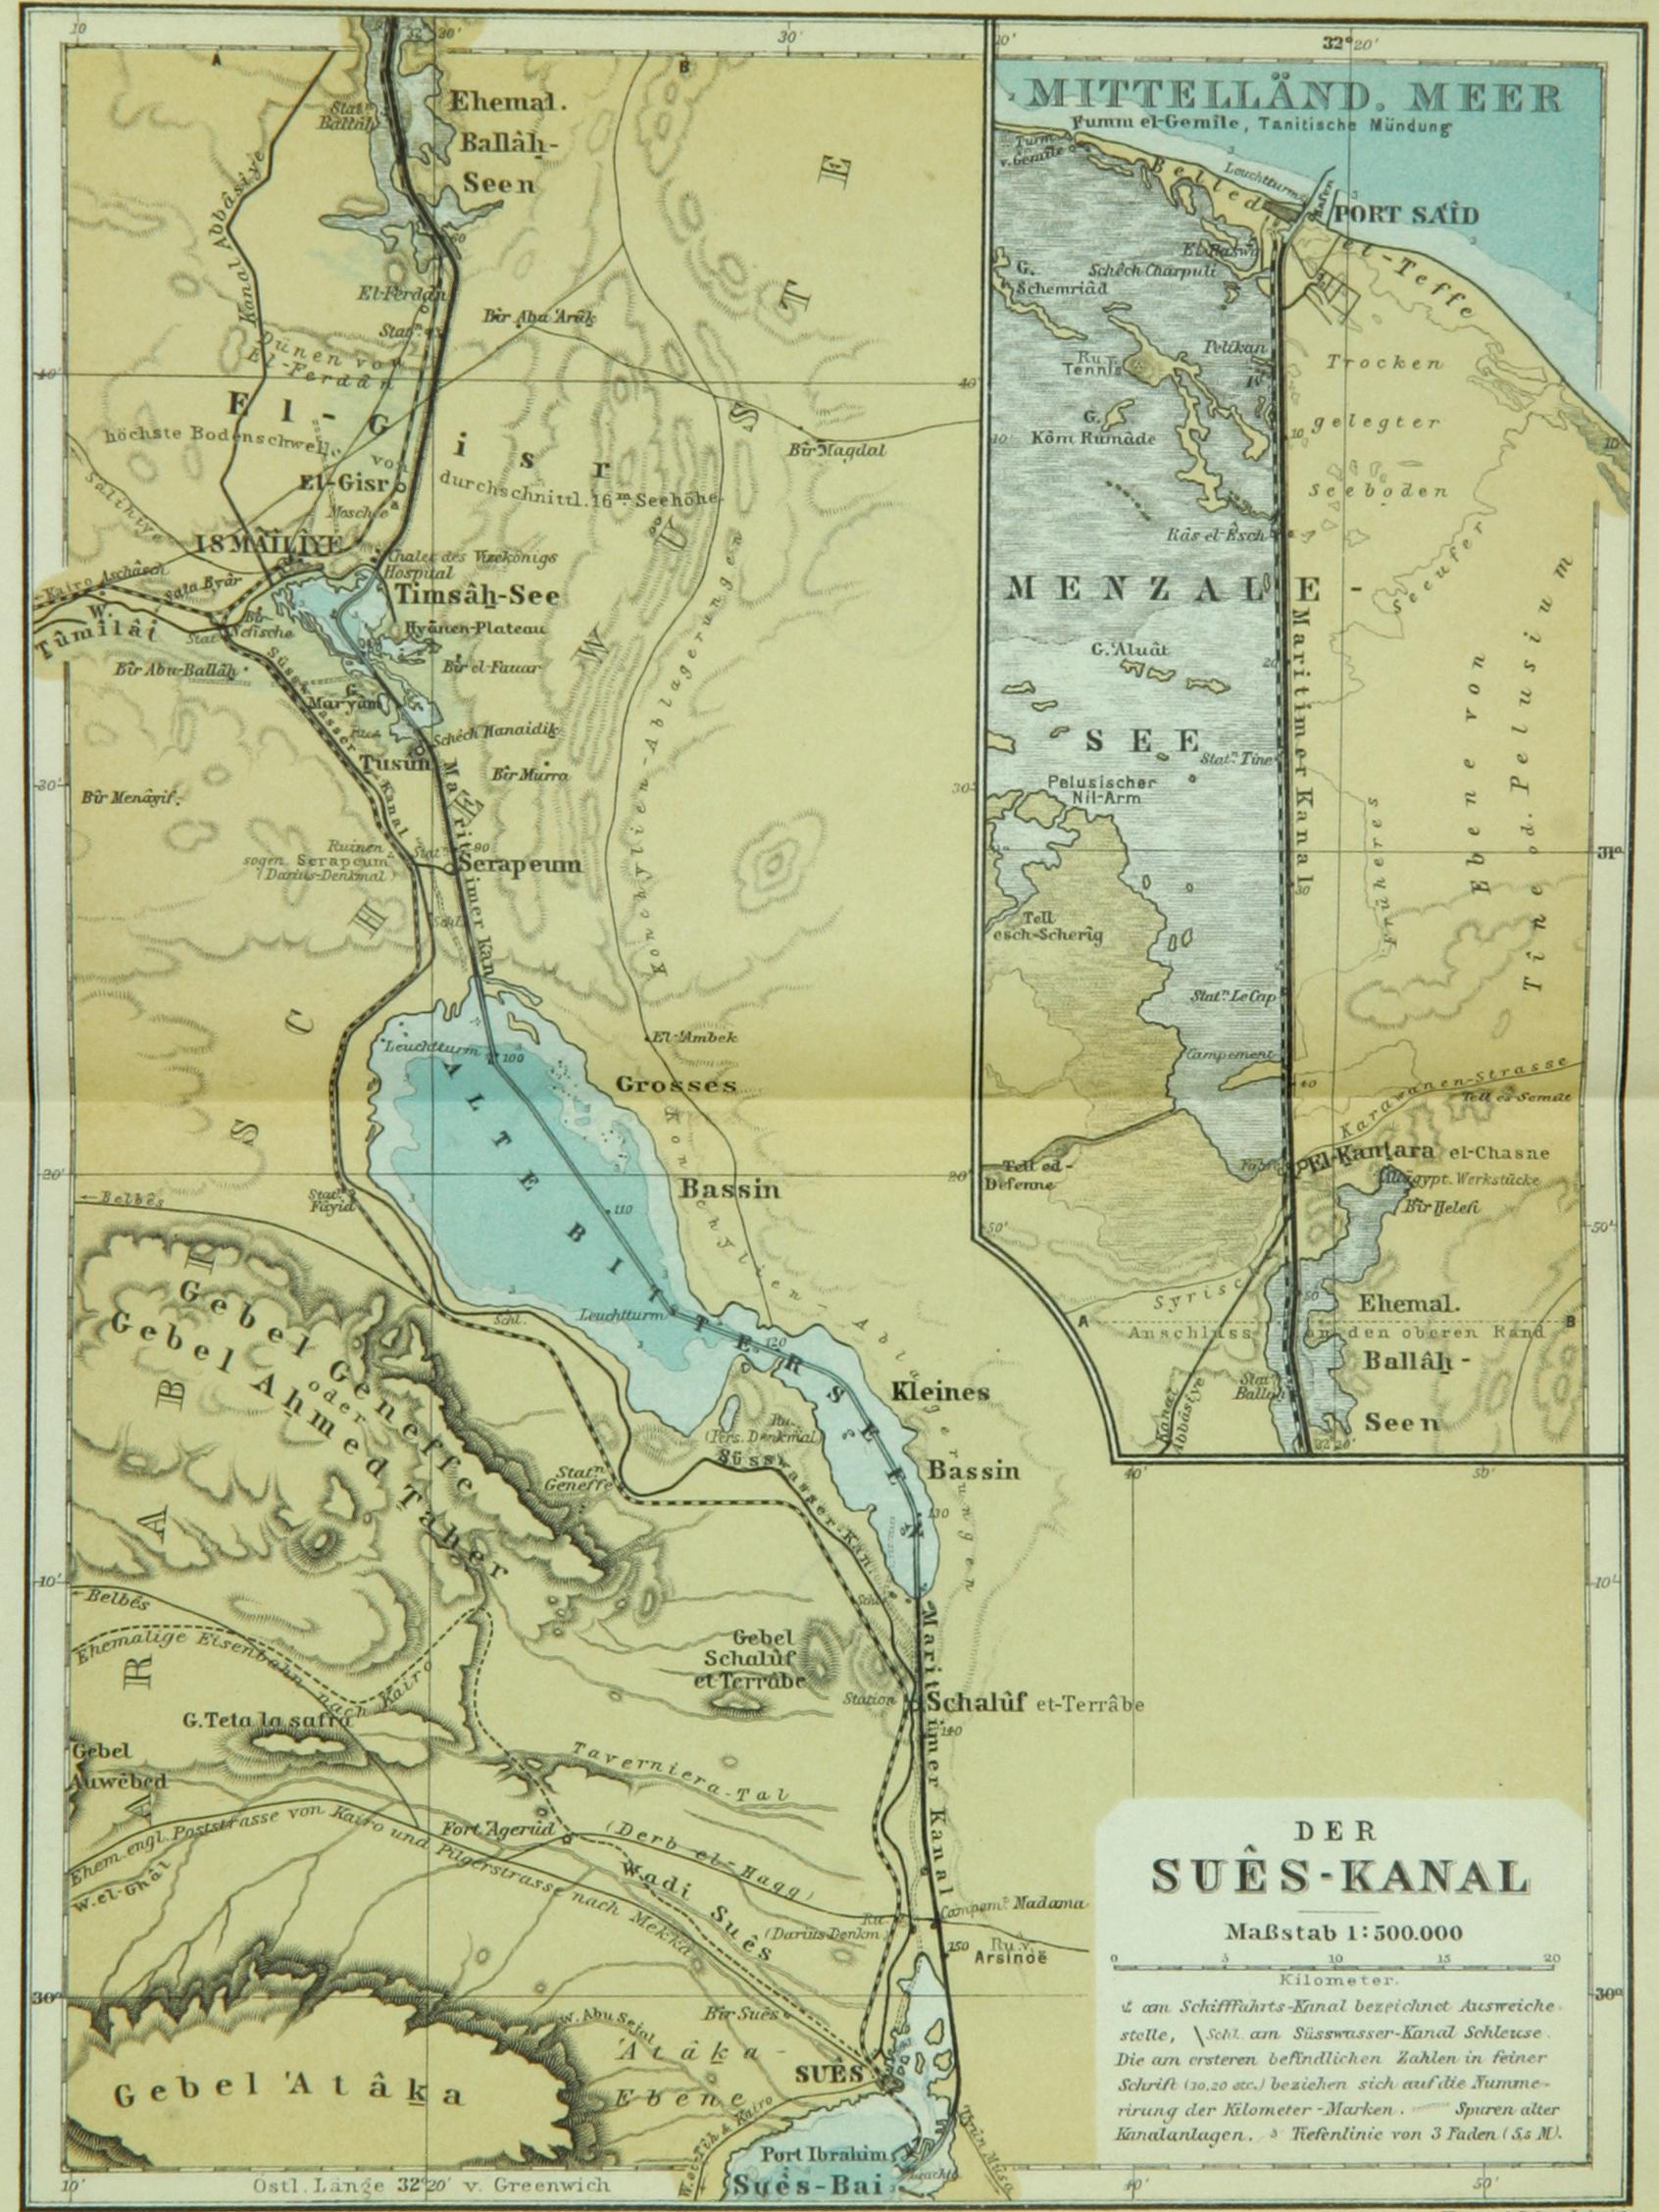 Suez canal 1914